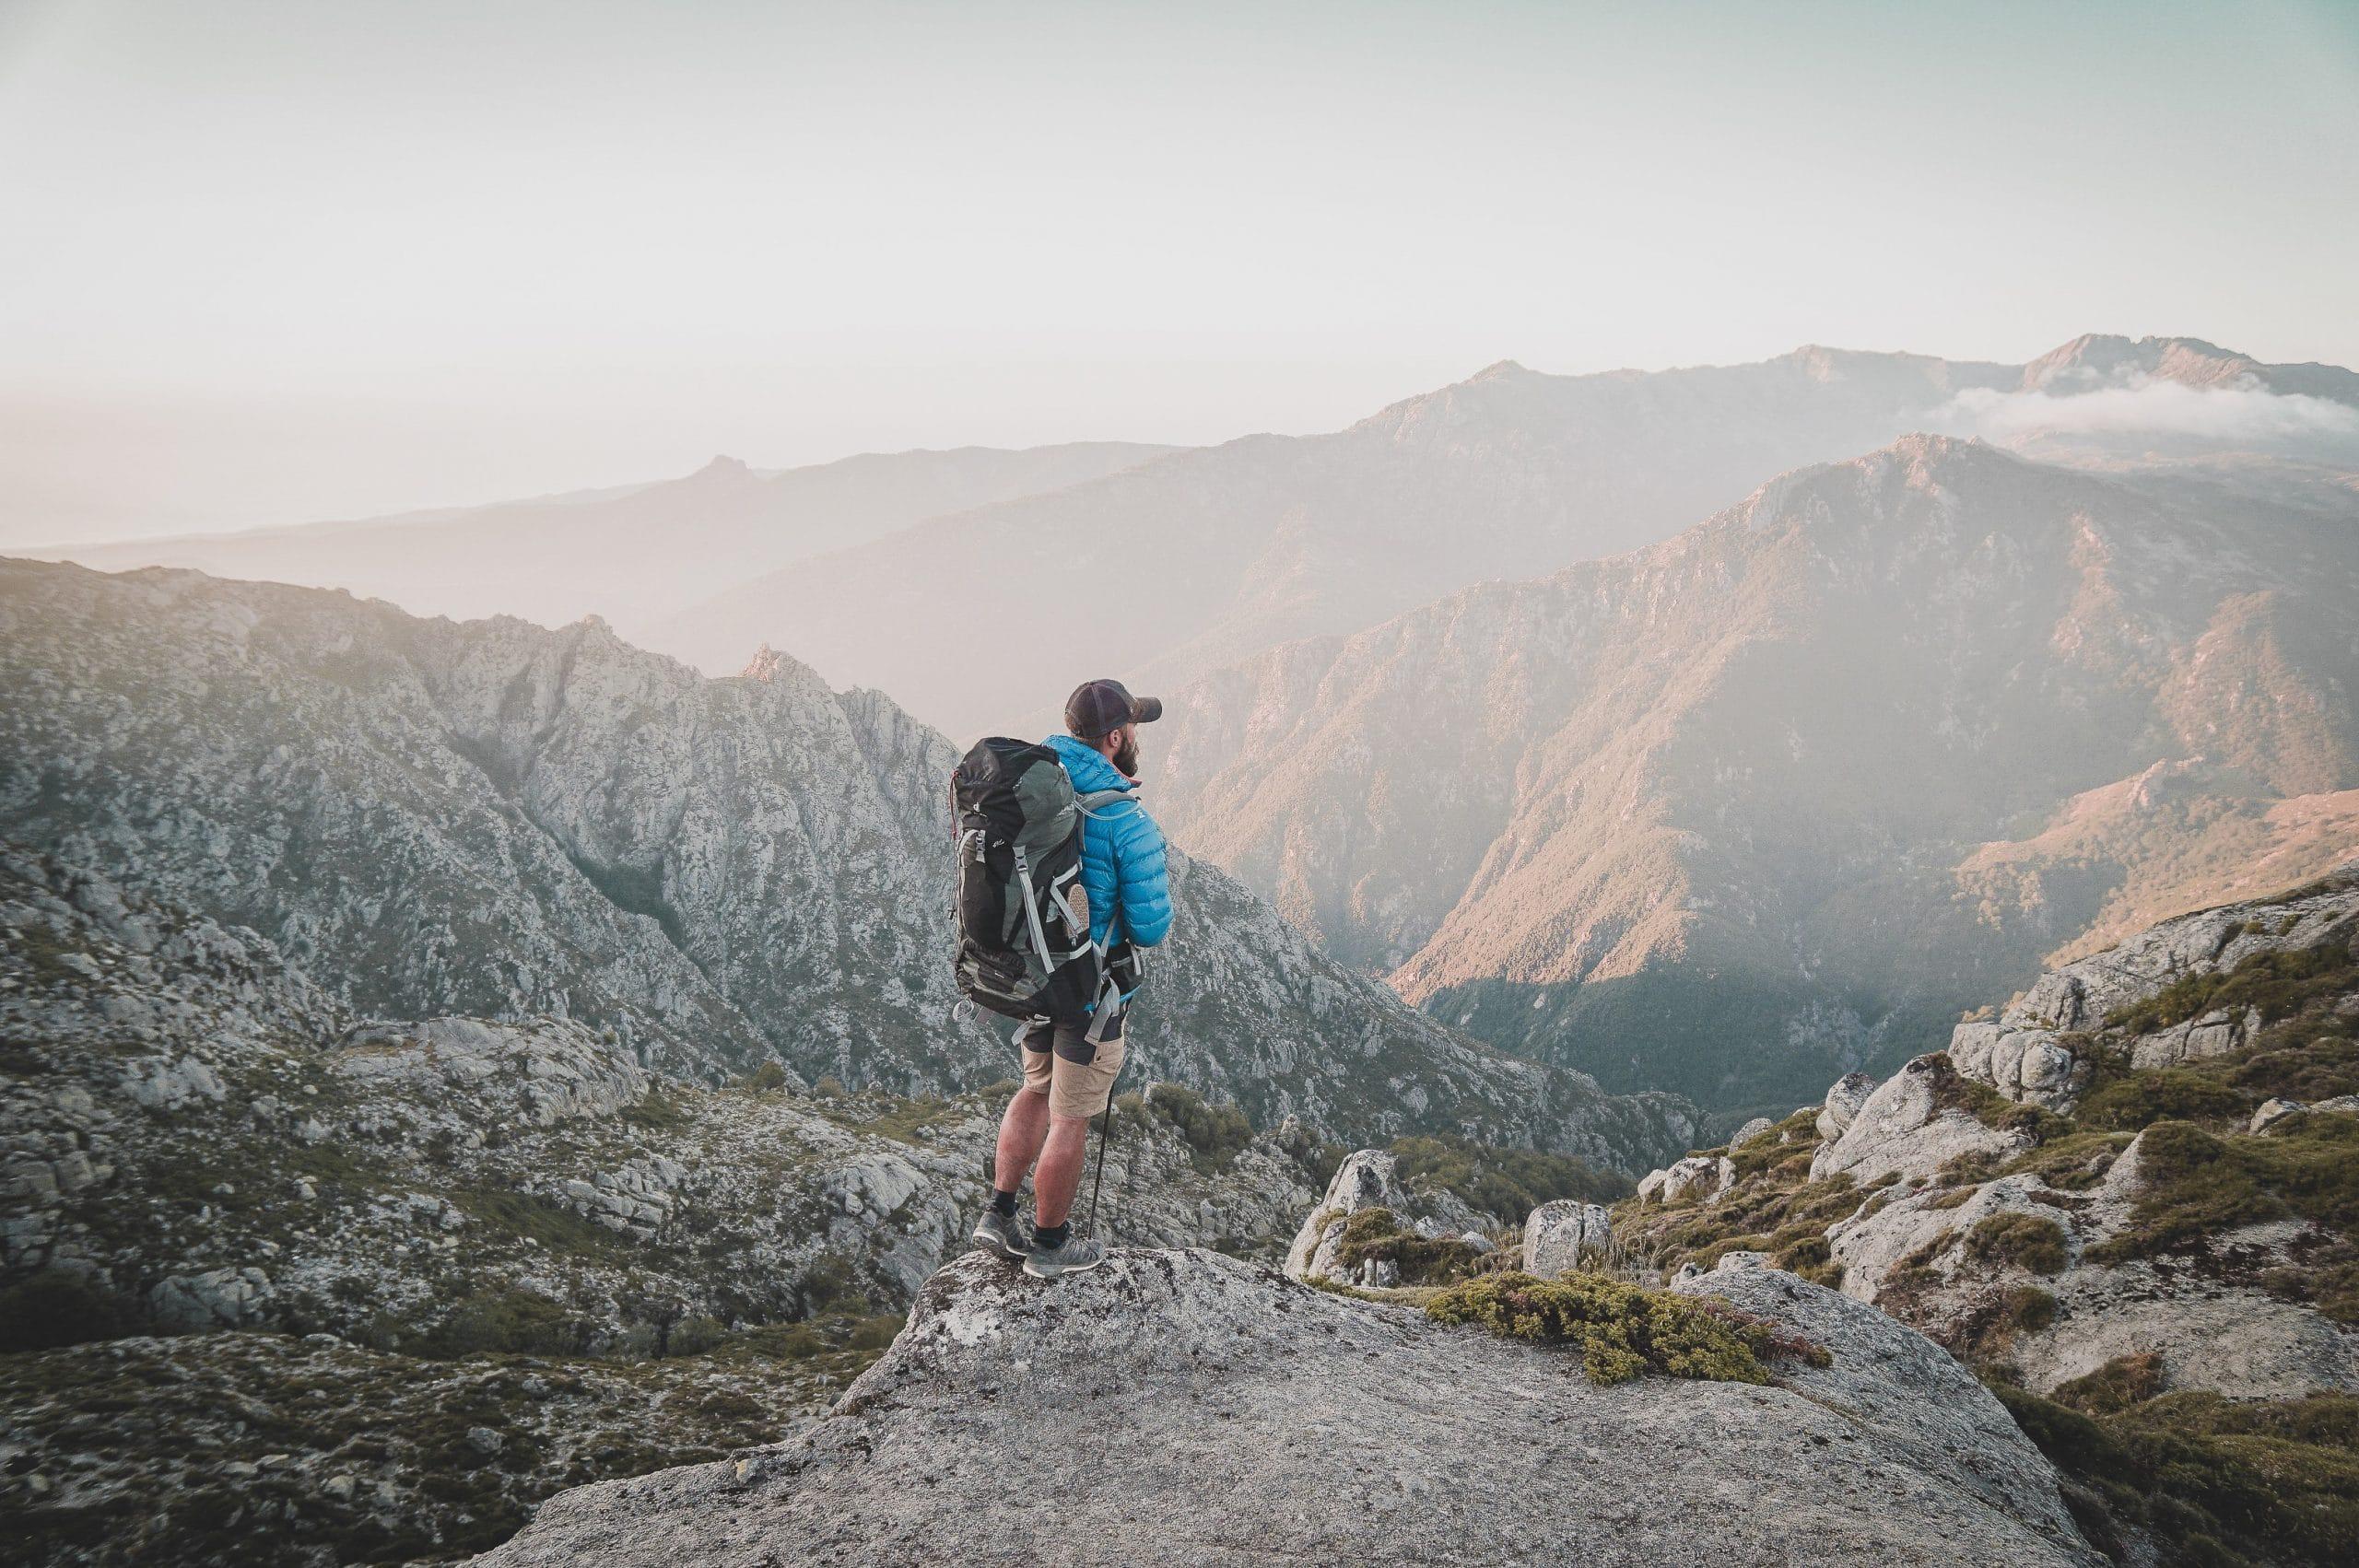 Randonnée en montagne : comment bien choisir ses chaussures ?